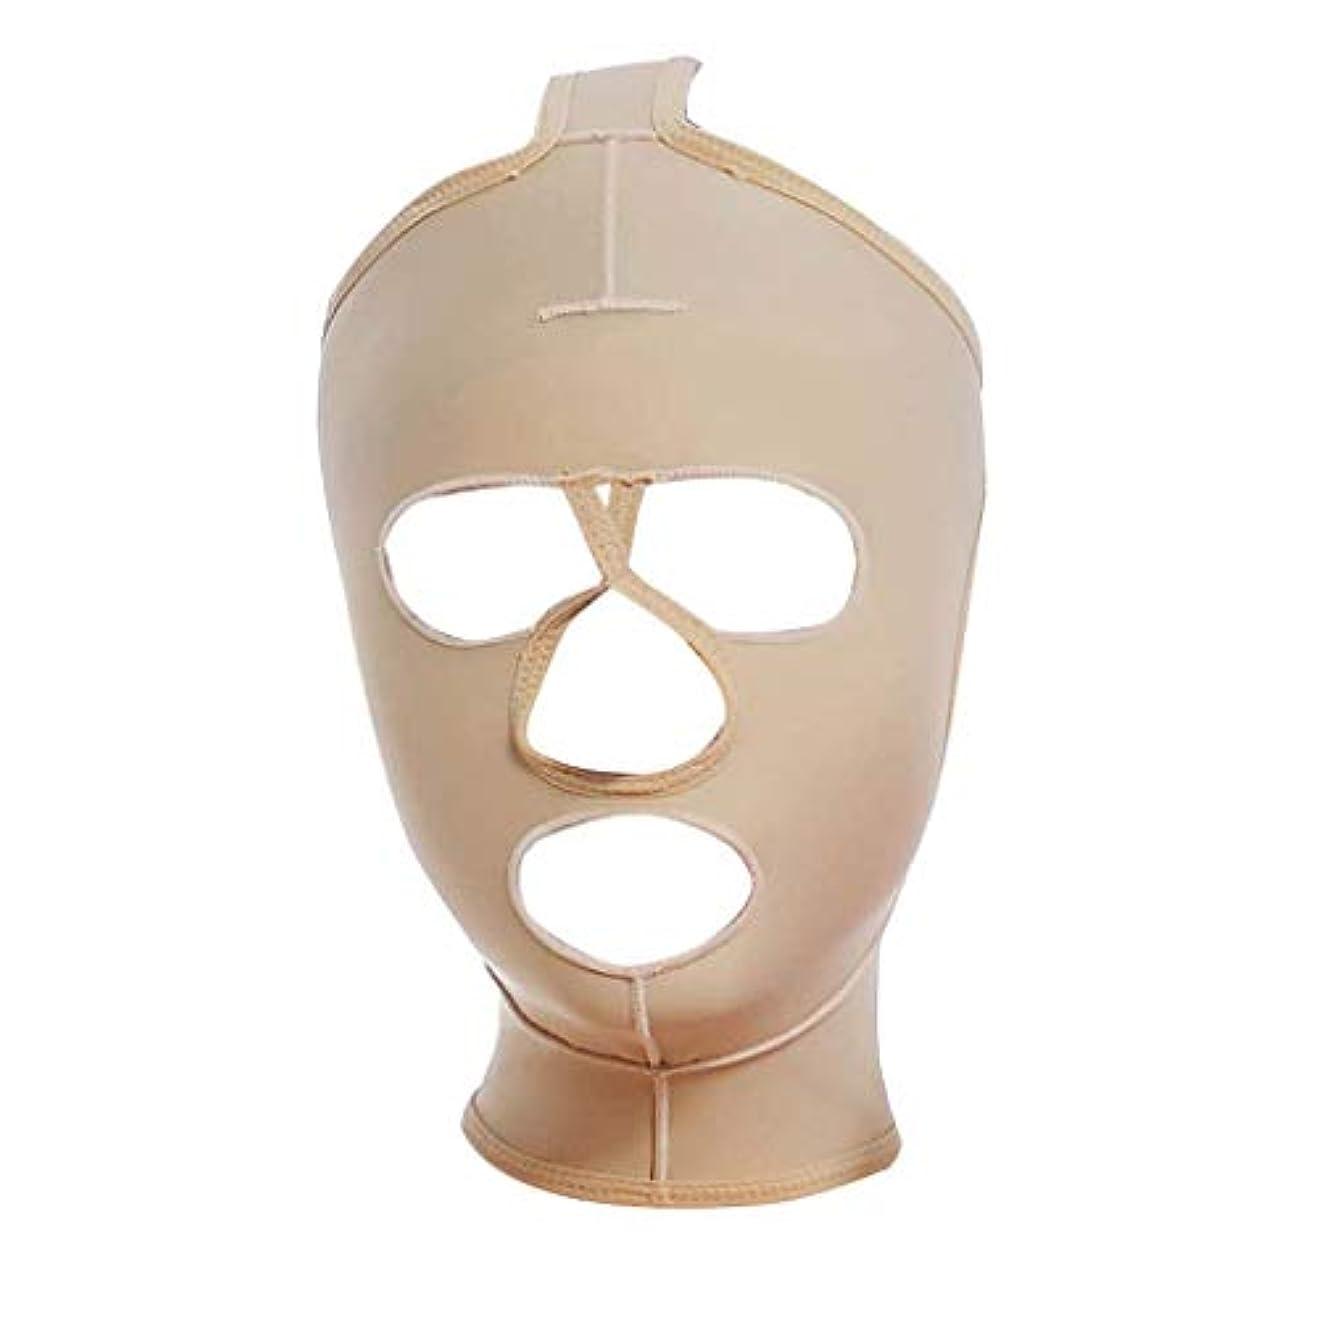 ブラジャー幹生産性フェイス&ネックリフト、減量フェイスマスク脂肪吸引術脂肪吸引術整形マスクフードフェイスリフティングアーティファクトVフェイスビームフェイス弾性スリーブ(サイズ:XXL),S